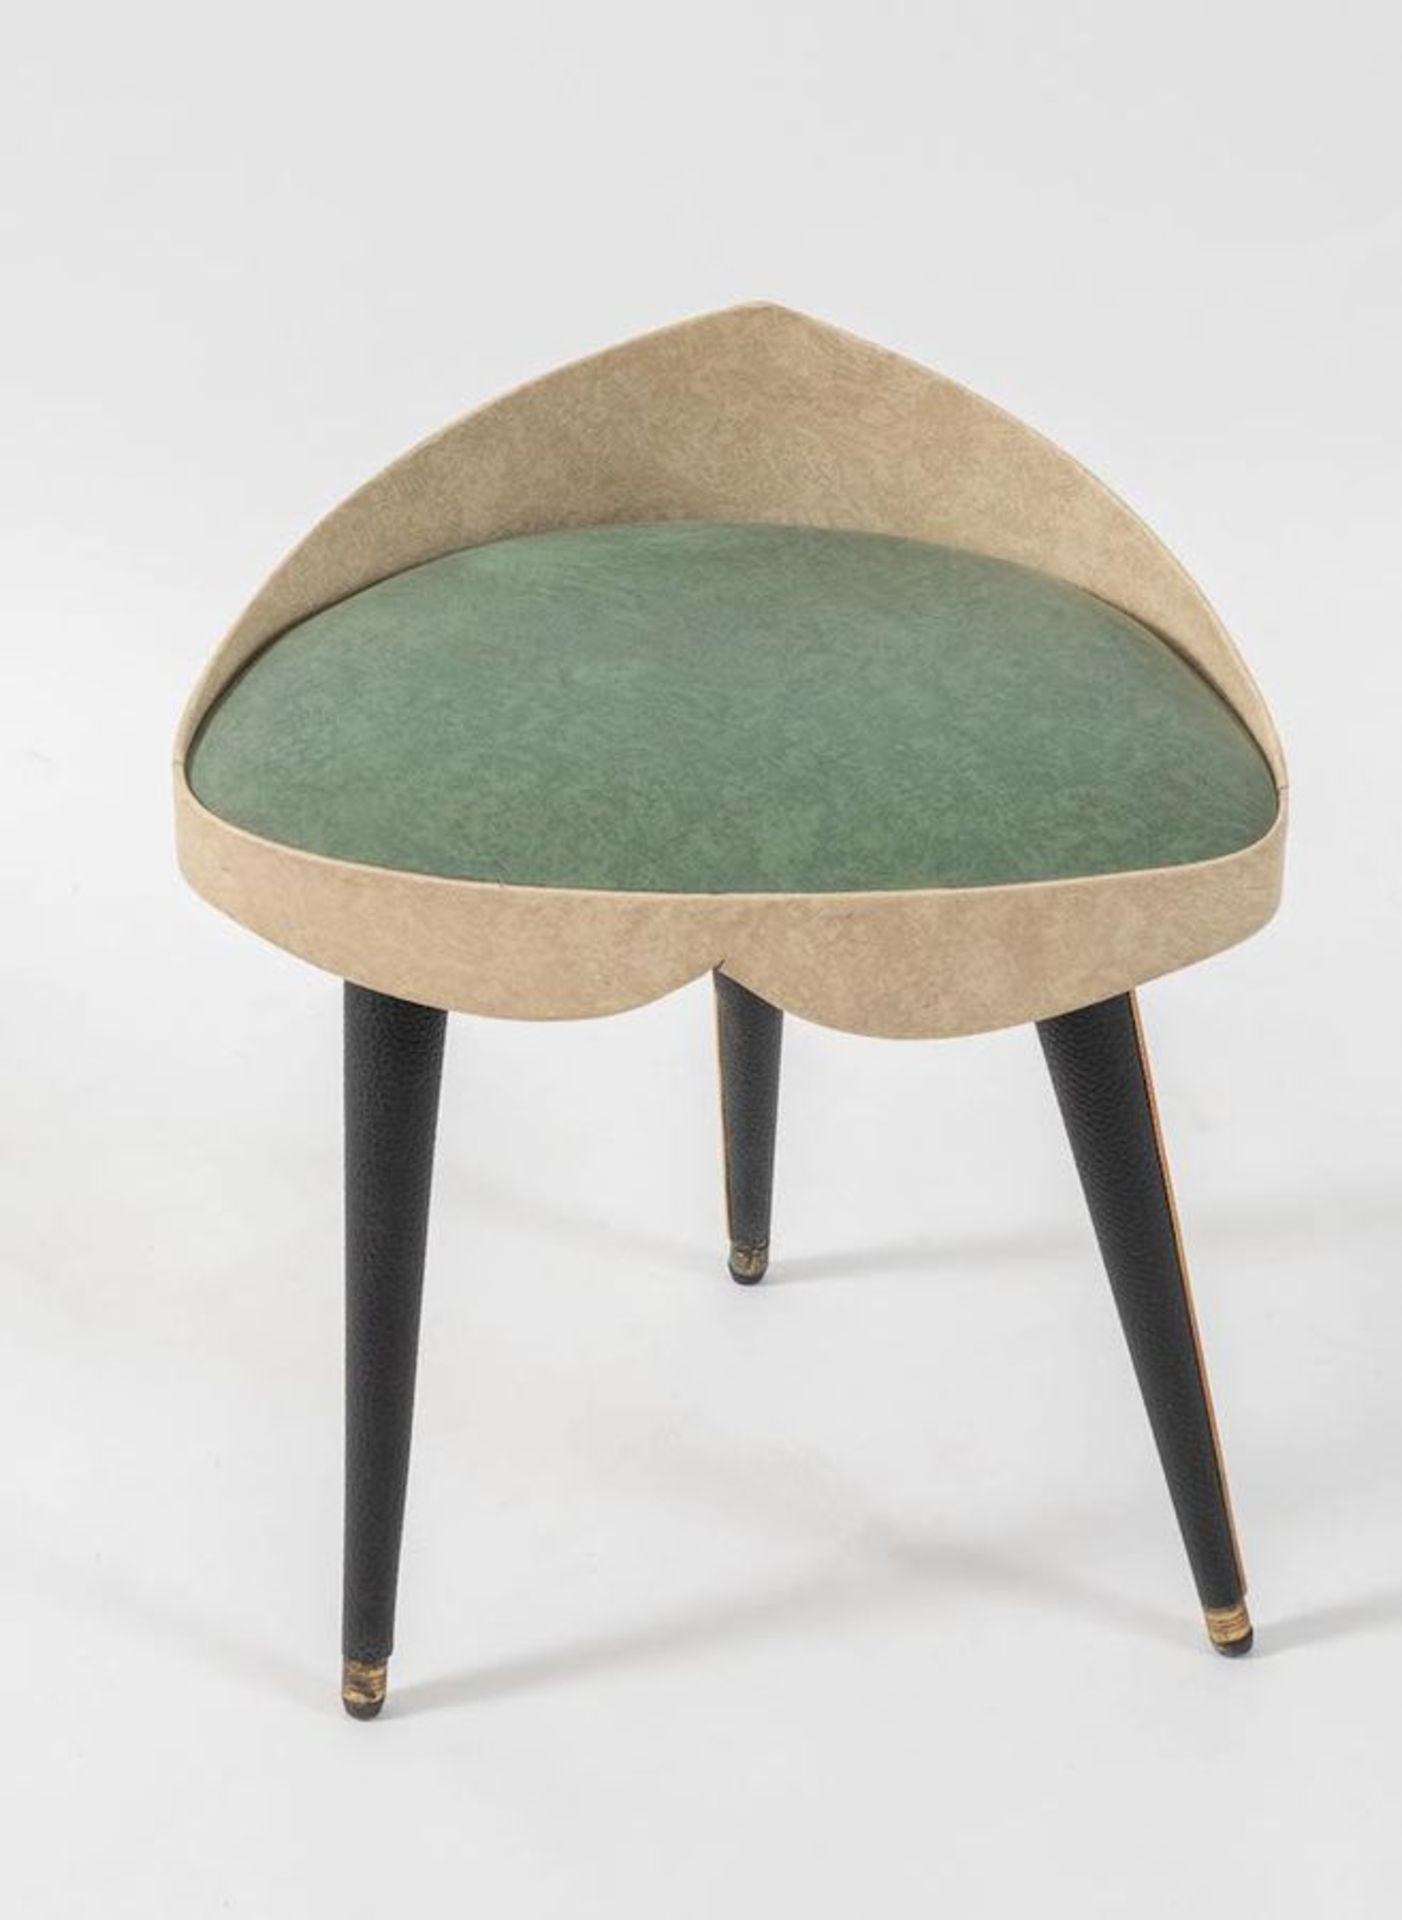 UMBERTO MASCAGNI, attr. Sgabello in legno rivestito in pelle. Prod. Umberto Mascagni Att., Italia, 1 - Bild 2 aus 3